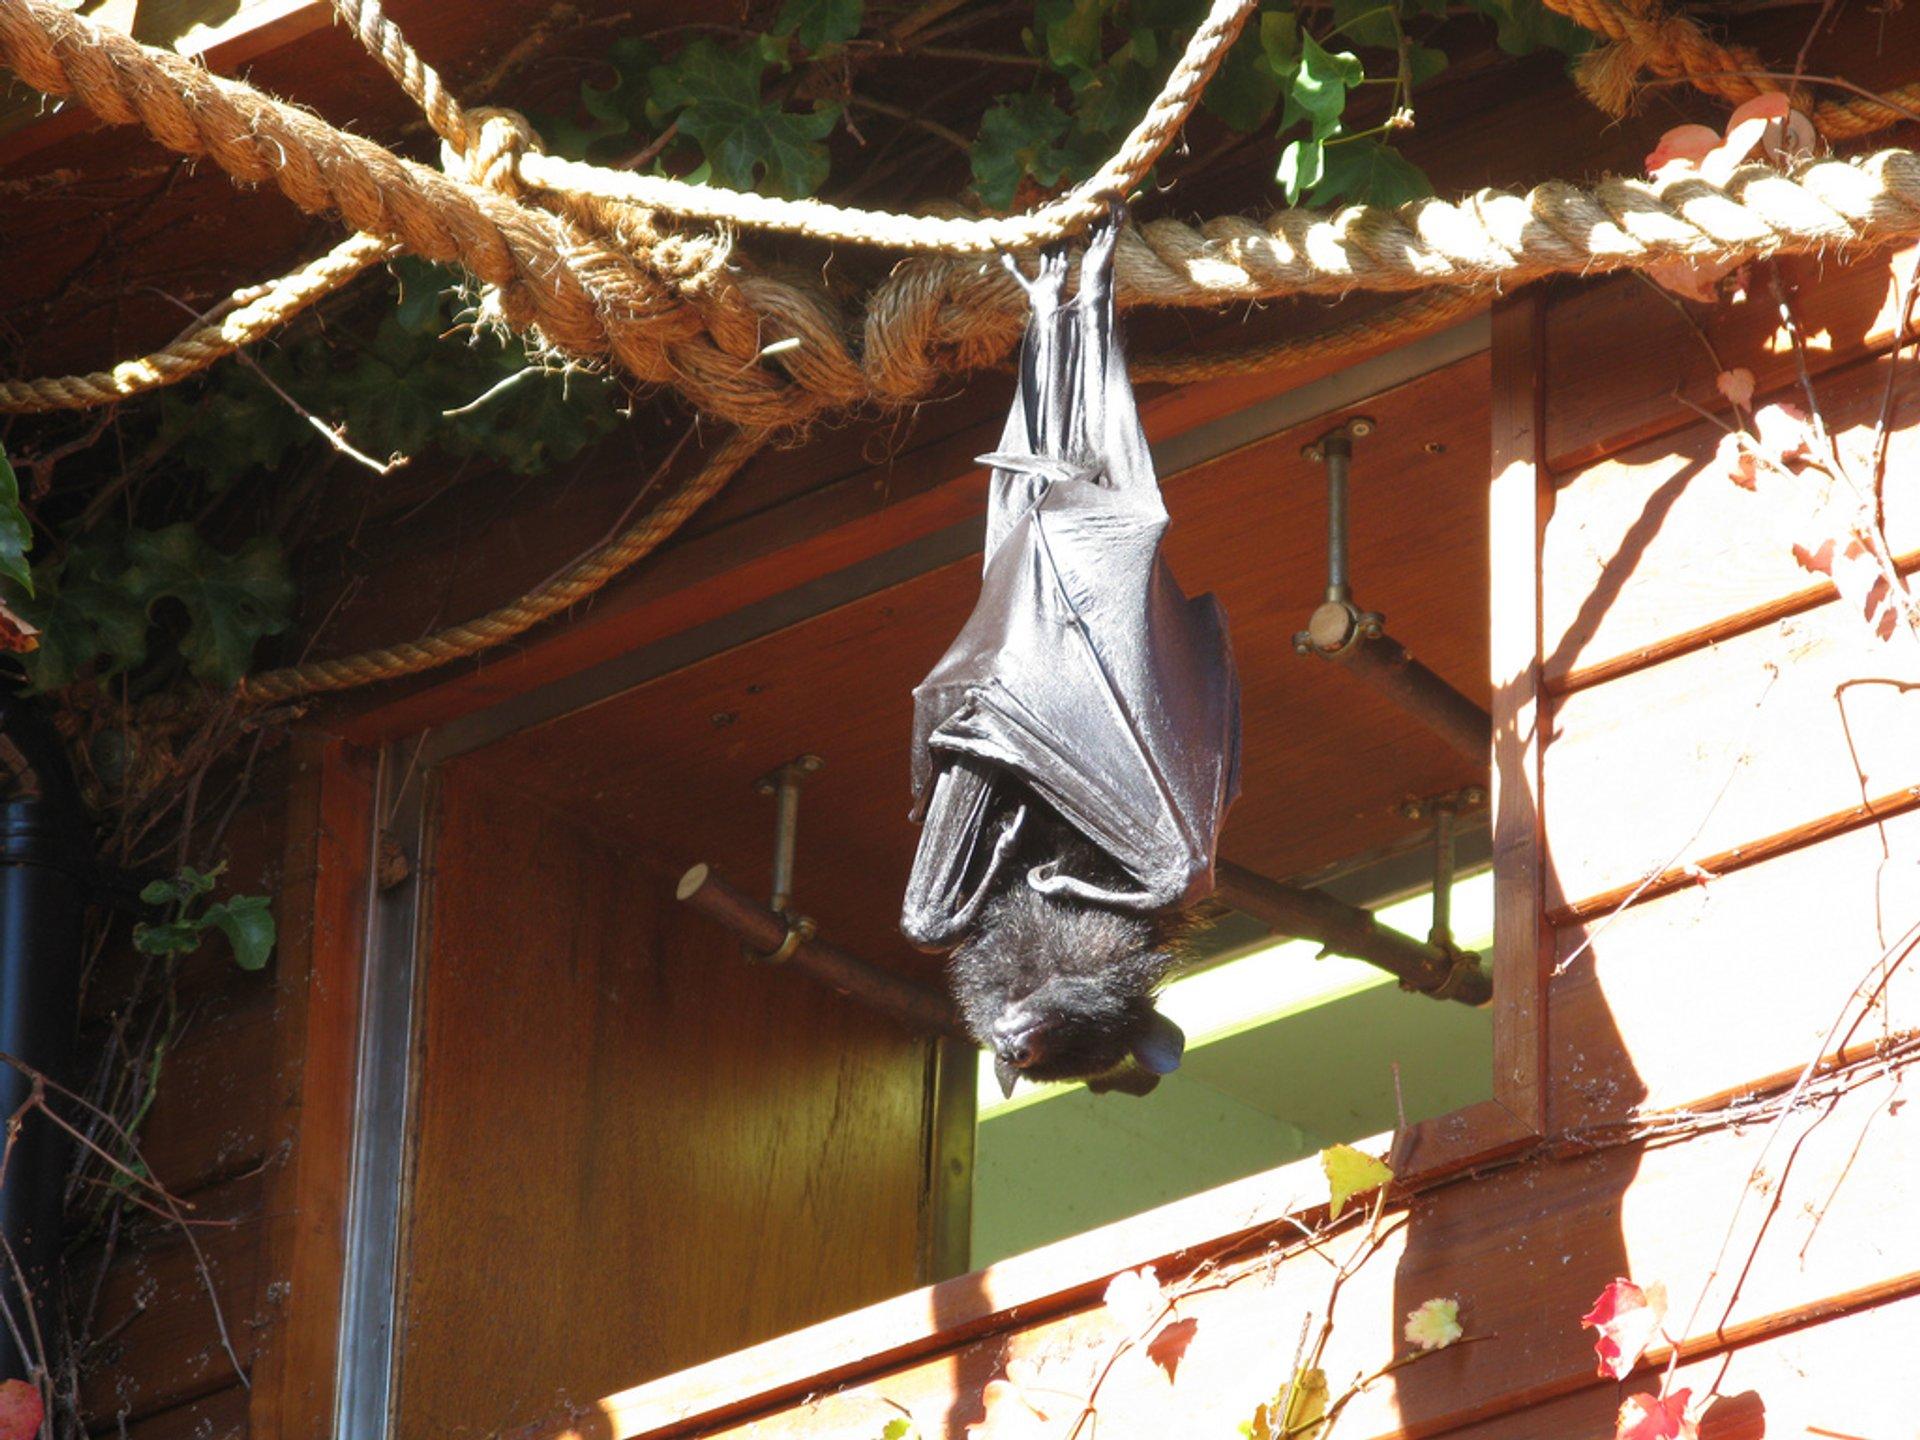 Bats Fluttering  in England - Best Season 2020